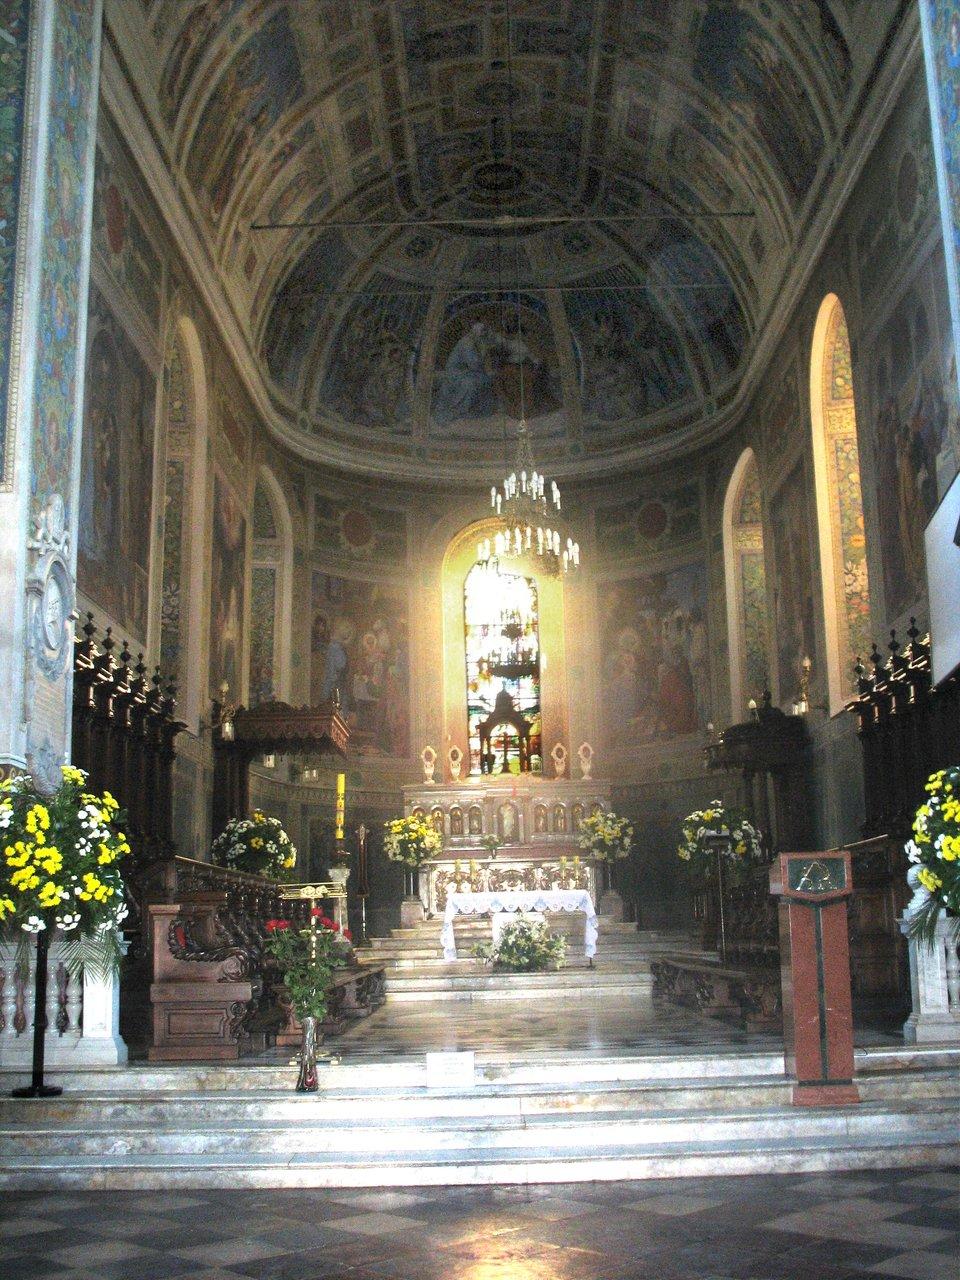 Katedra wPłocku Katedra wPłocku Źródło: Chrisiek, Wikimedia Commons, licencja: CC BY 2.5.